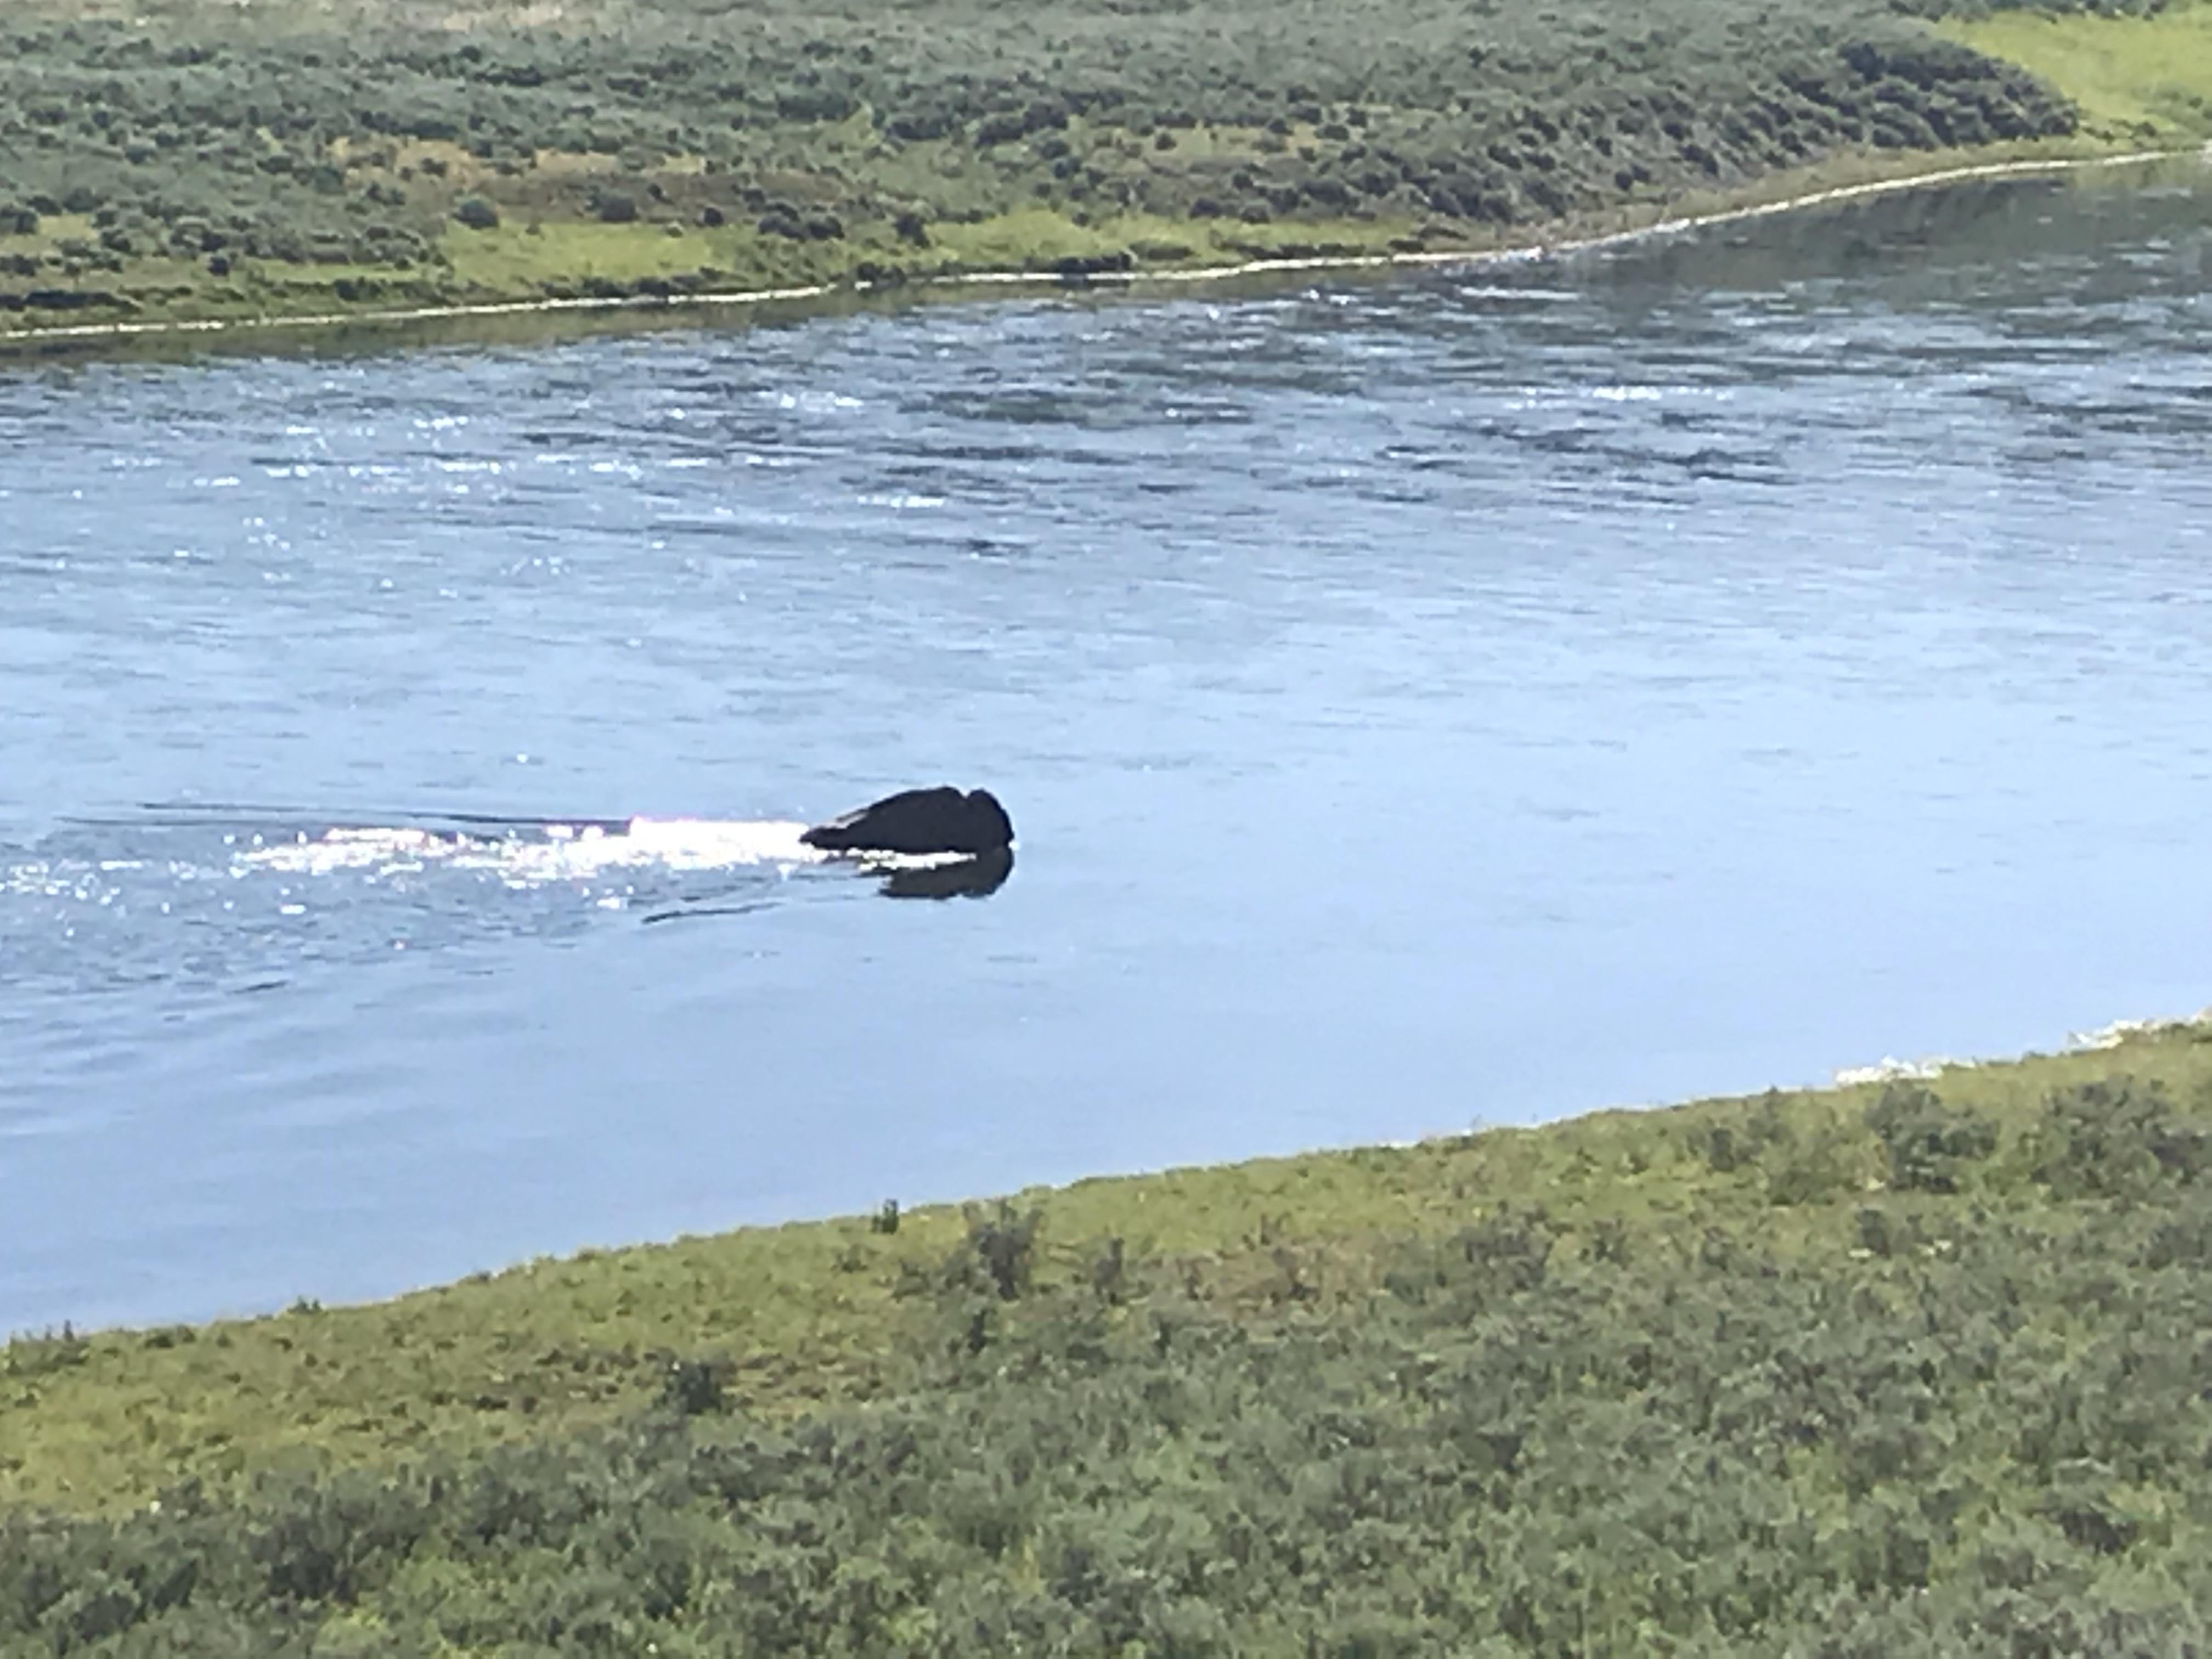 Schwimmender Bison